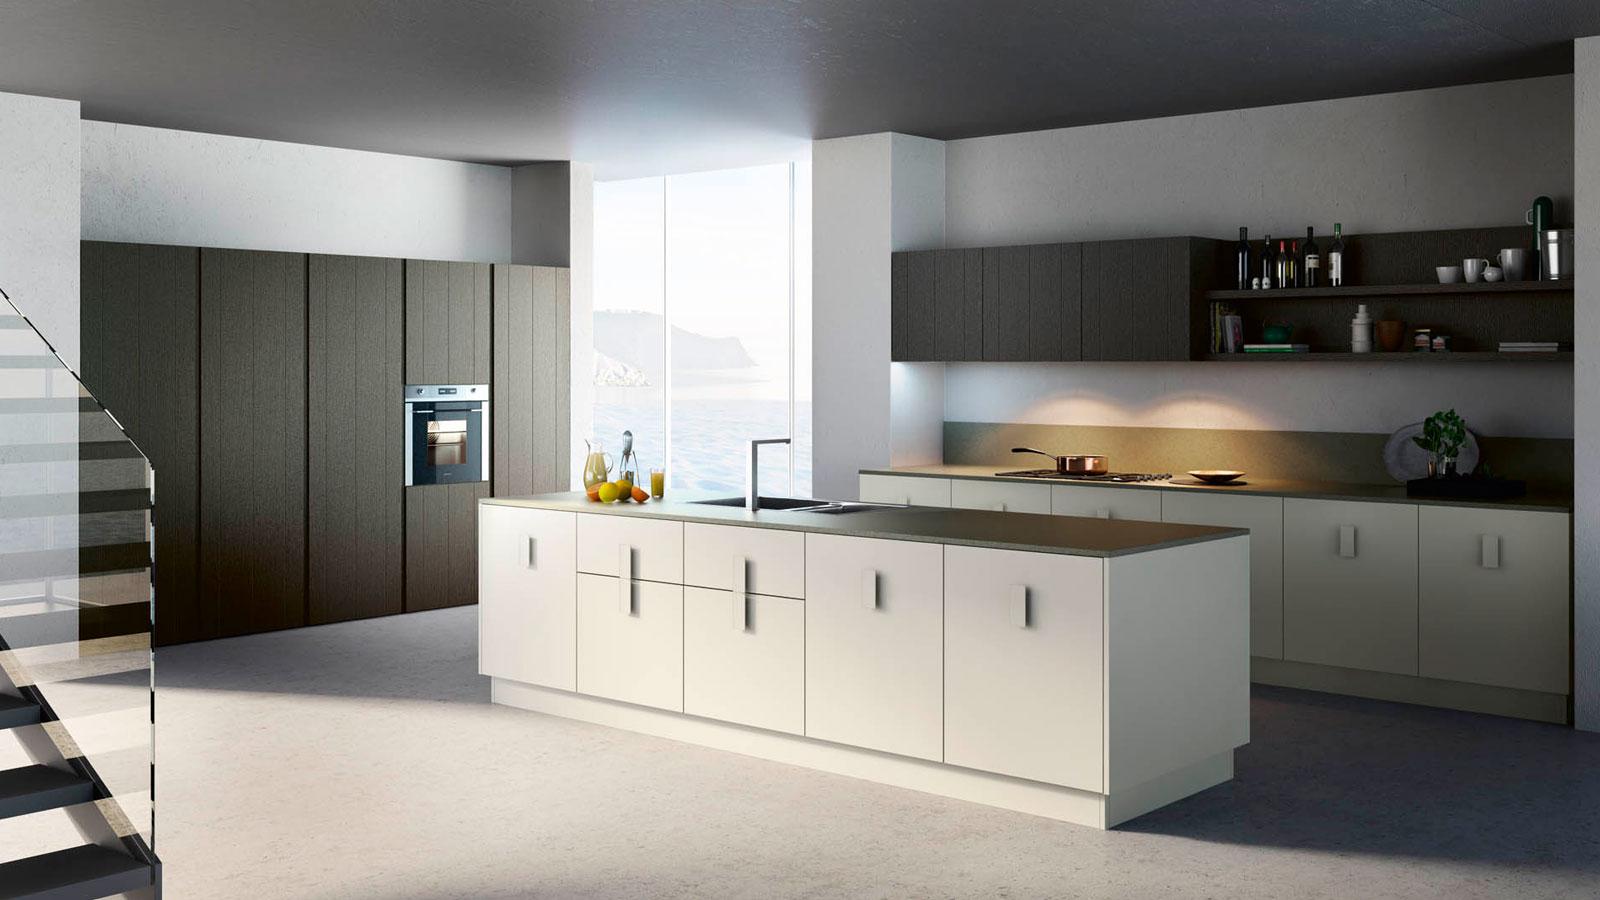 Le cucine habitat azzarito - Cucine valdesign ...